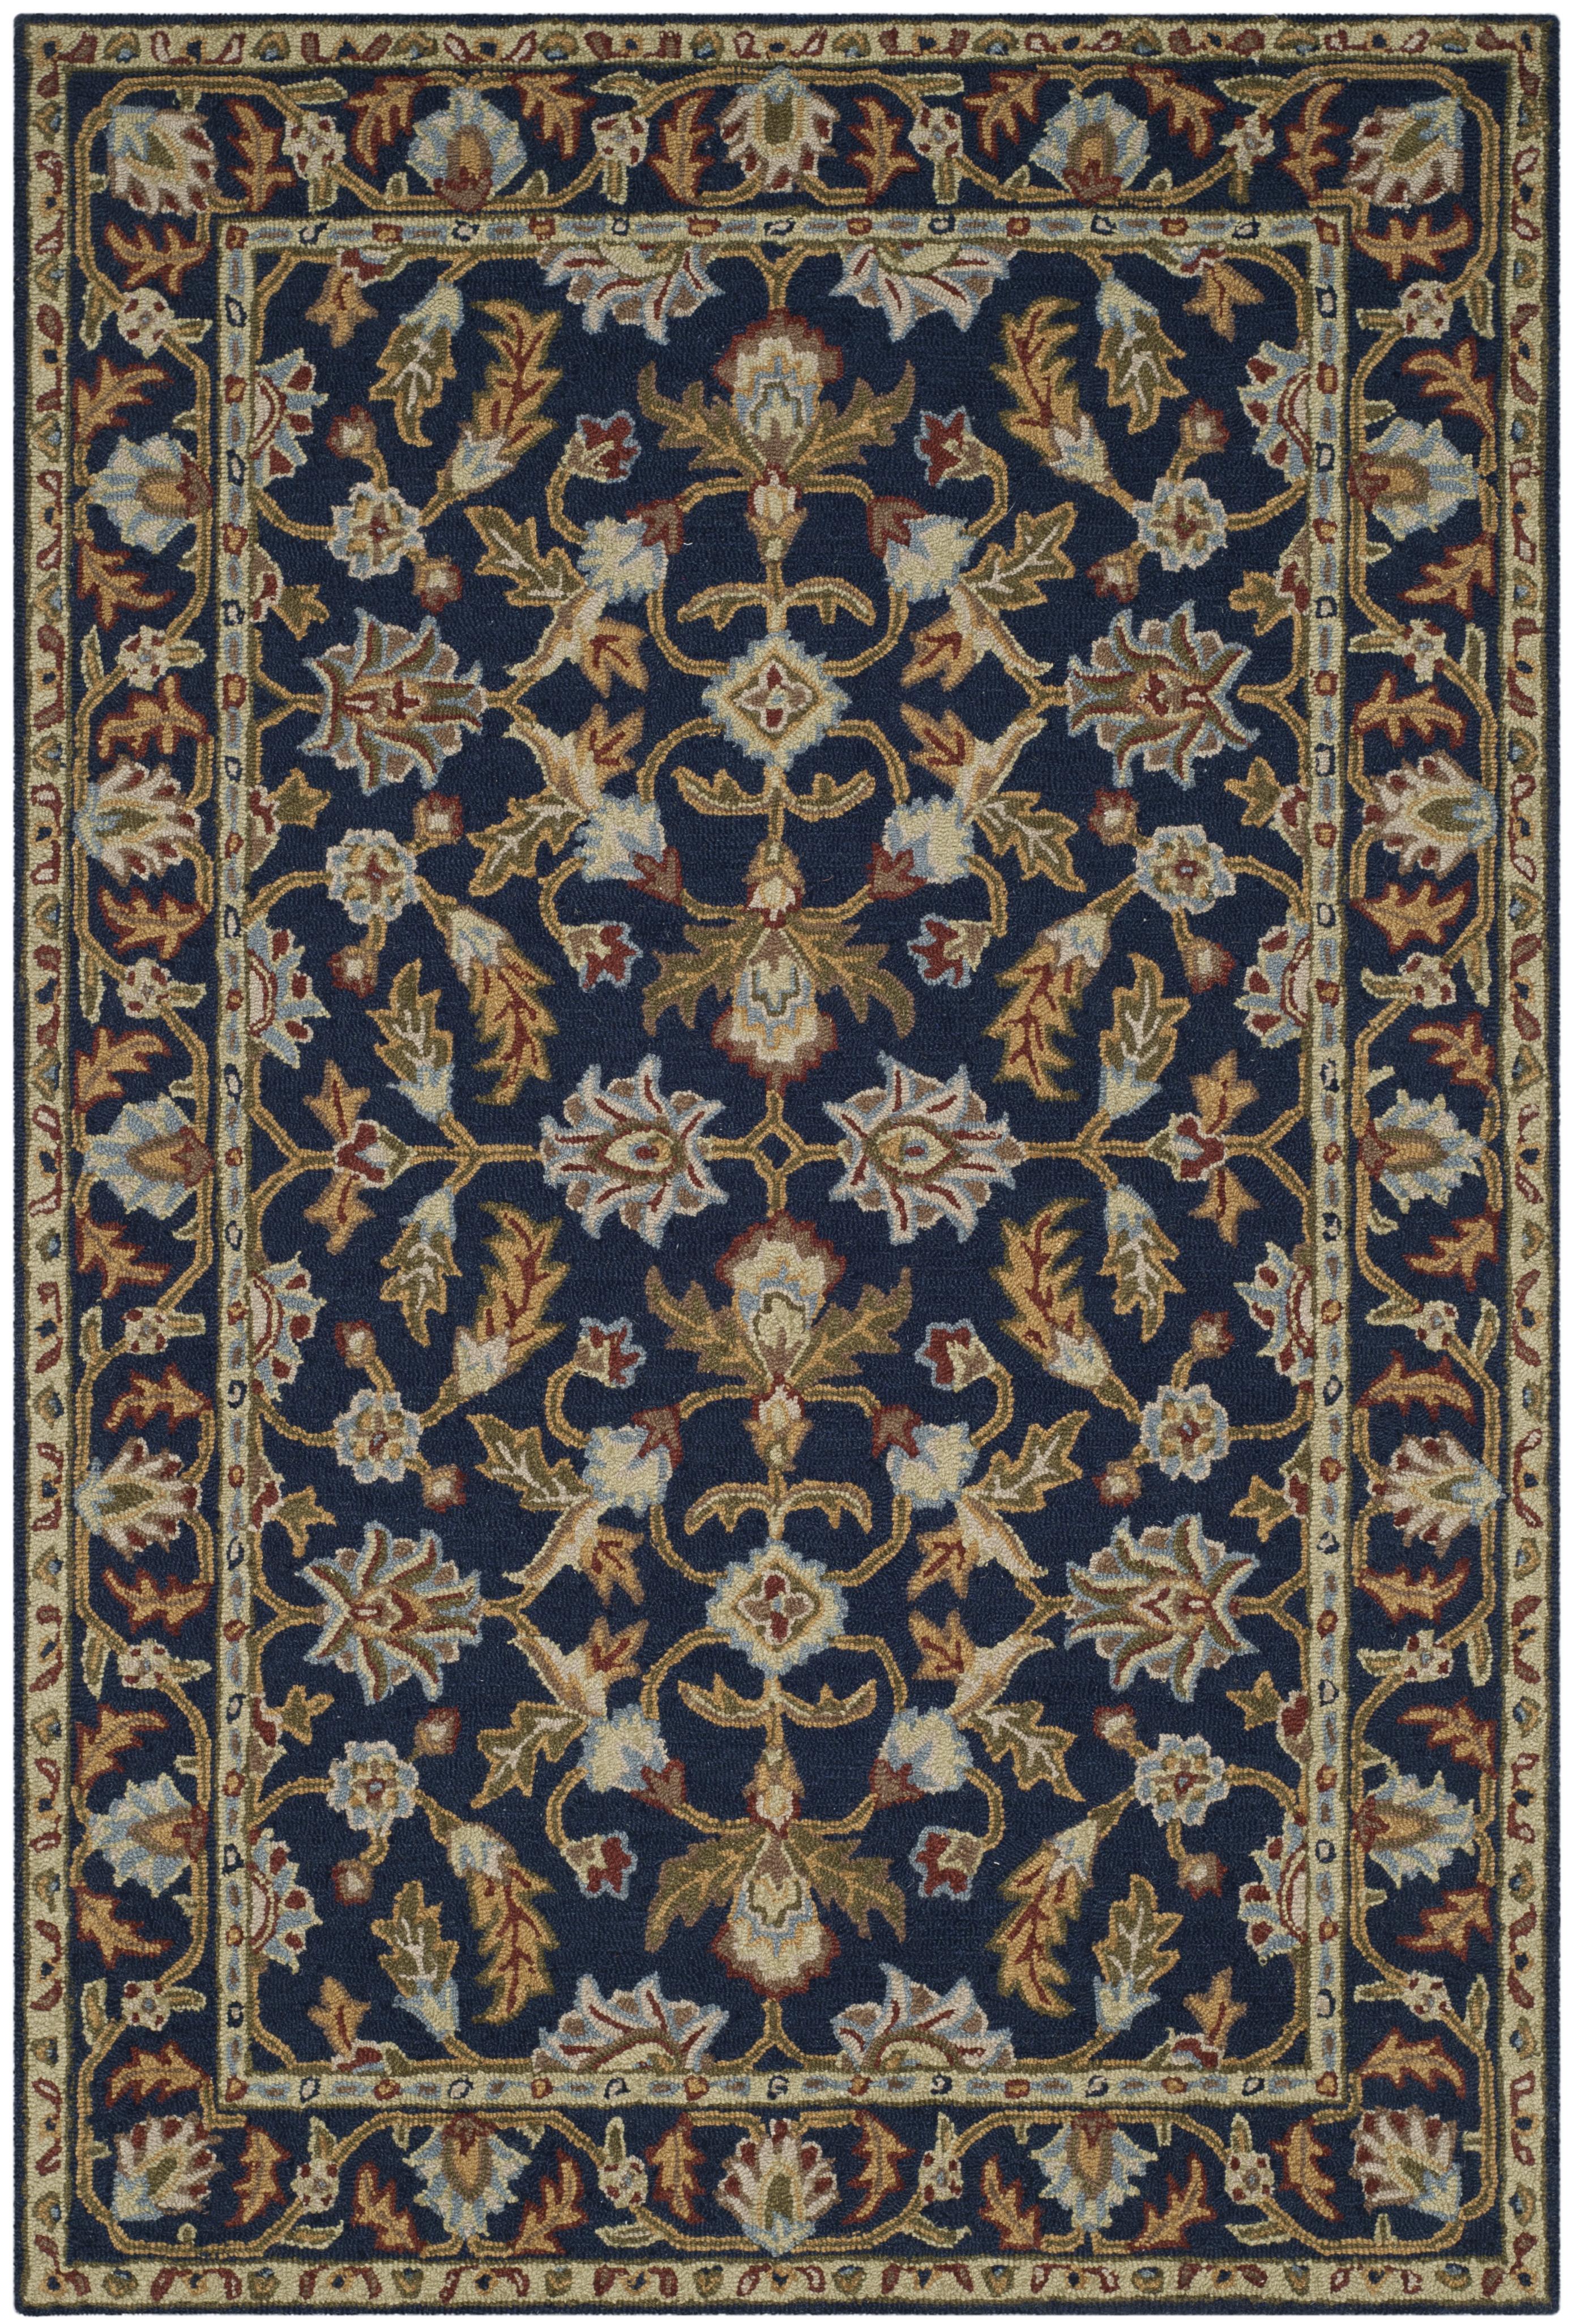 Morgan 219 4' X 6' Navy Wool Rug